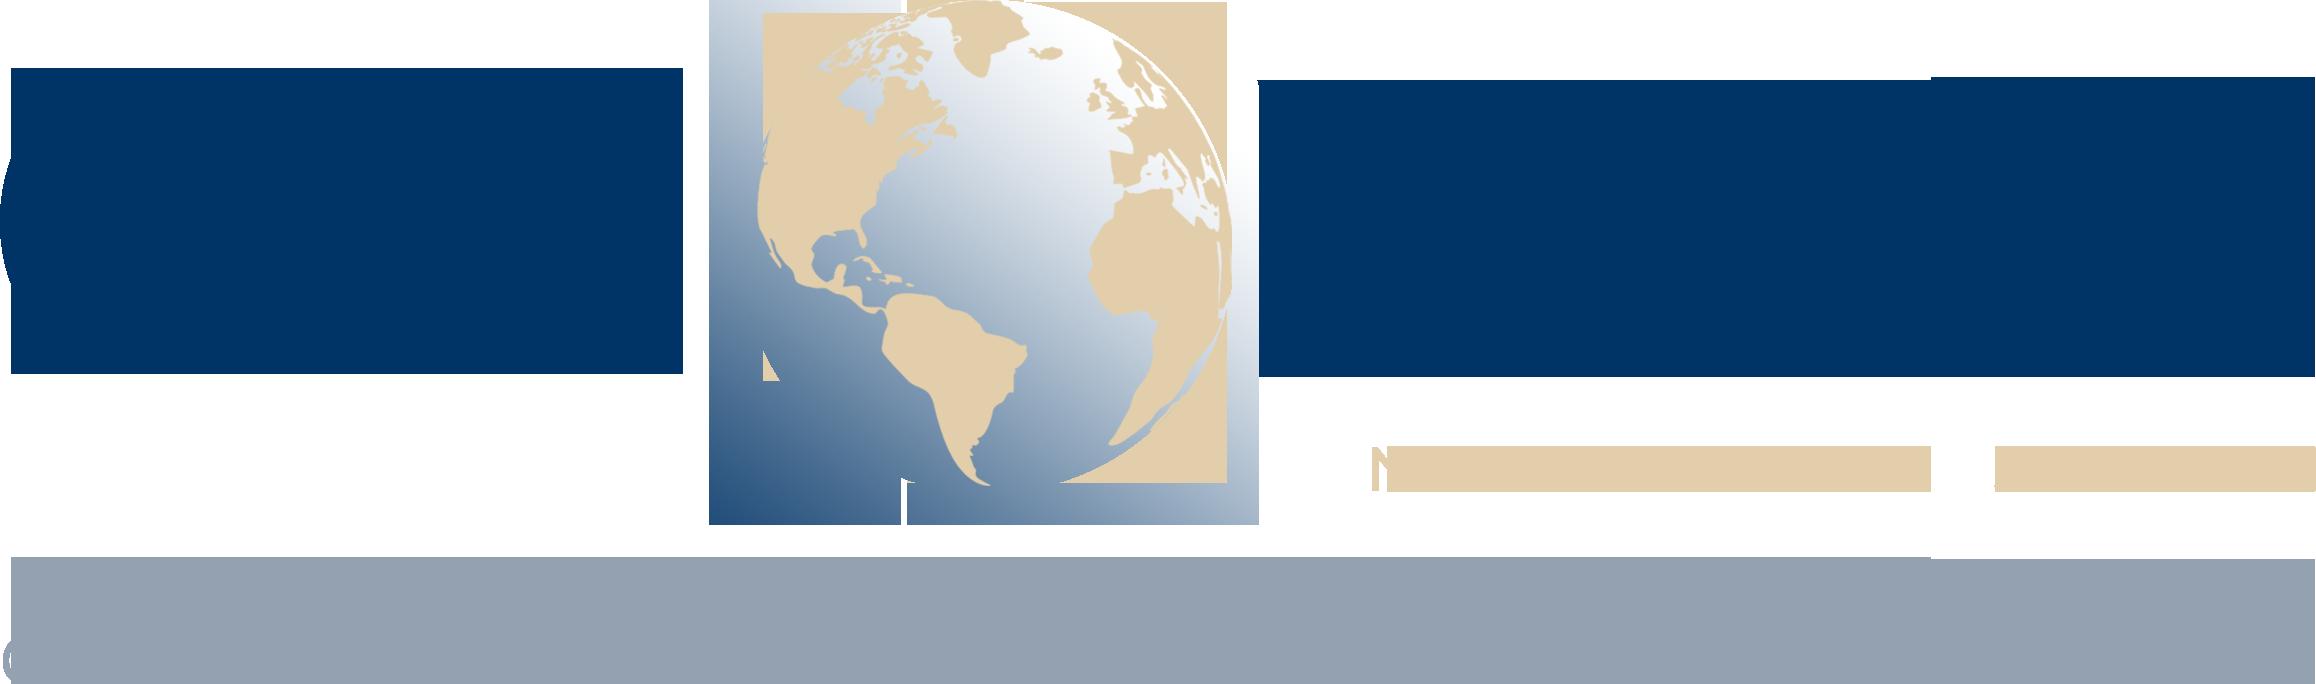 Our World Montessori